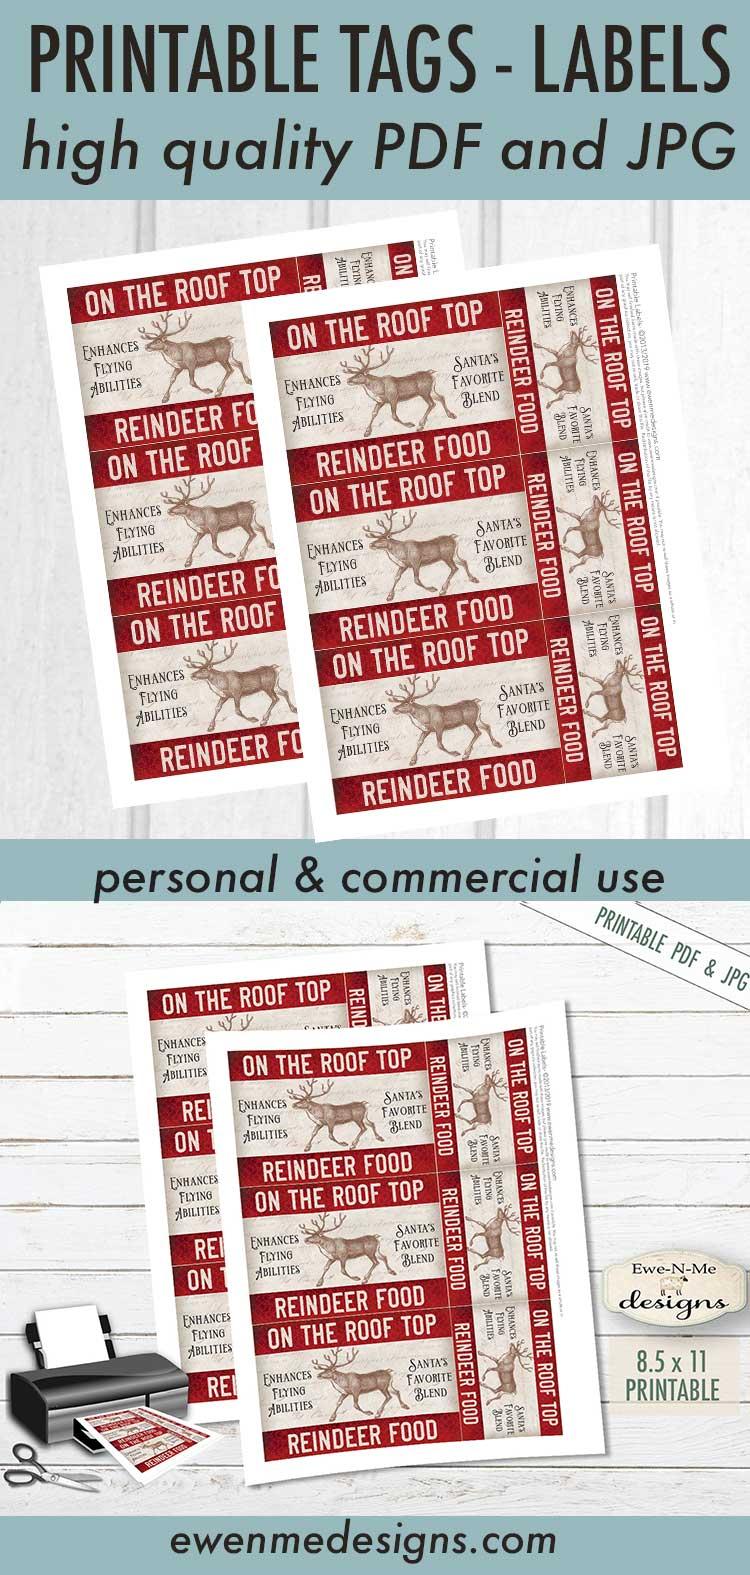 Printable Christmas Tags - Reindeer Food - Rooftop - PDF JPG example image 3